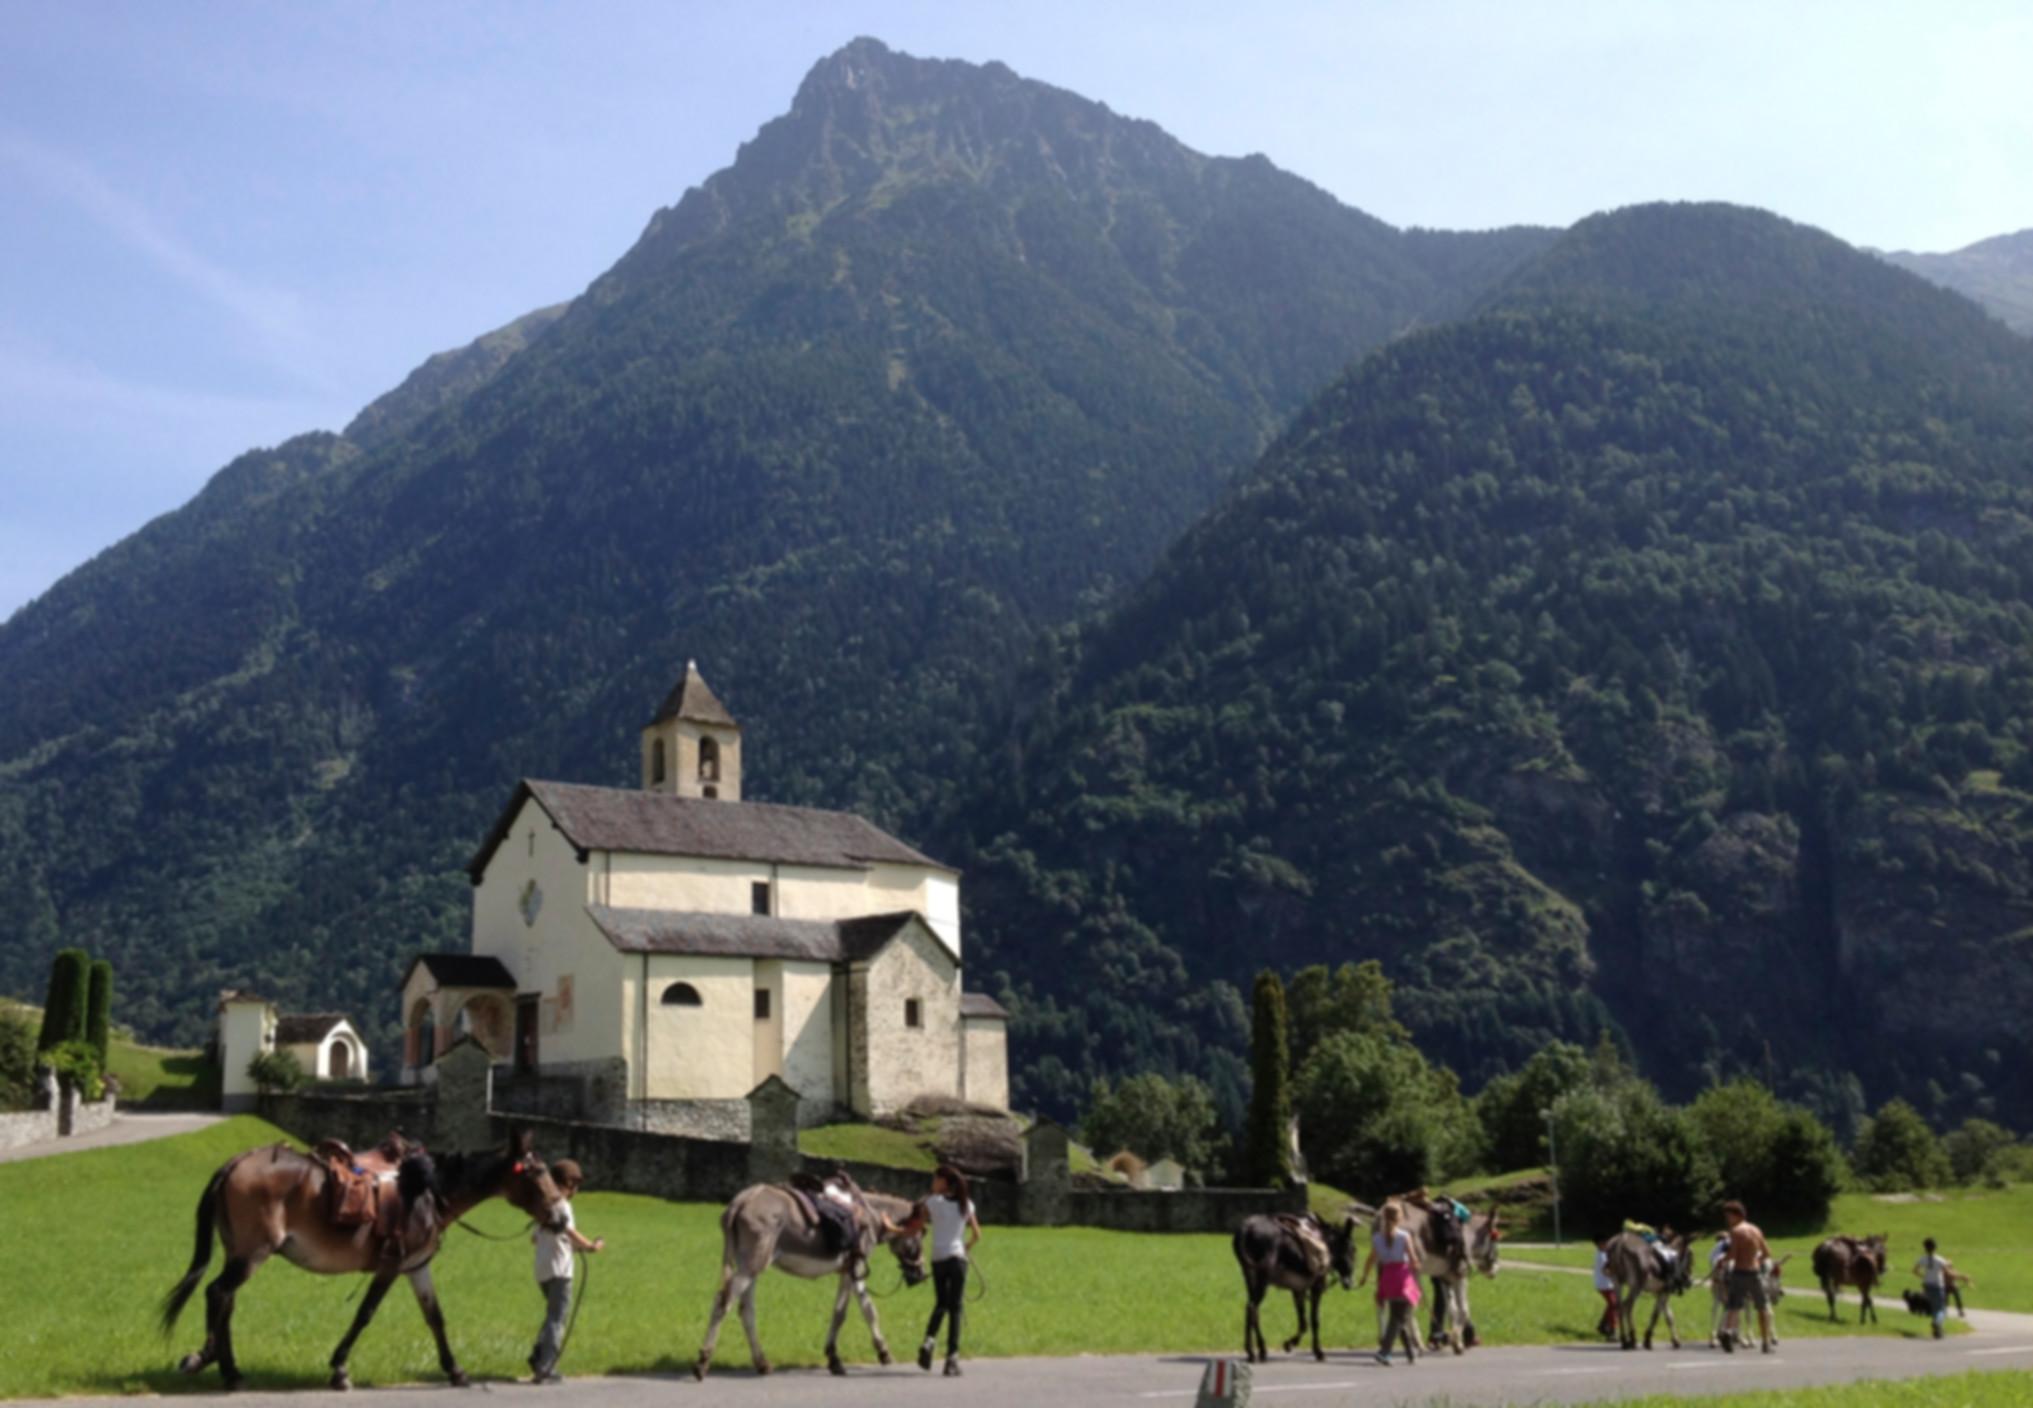 SOMARELLI Eseltrekking, Maultierreiten, Unterwegs mit Tieren, Ferien im Tessin, Eselreiten, Trekking con asini e muli